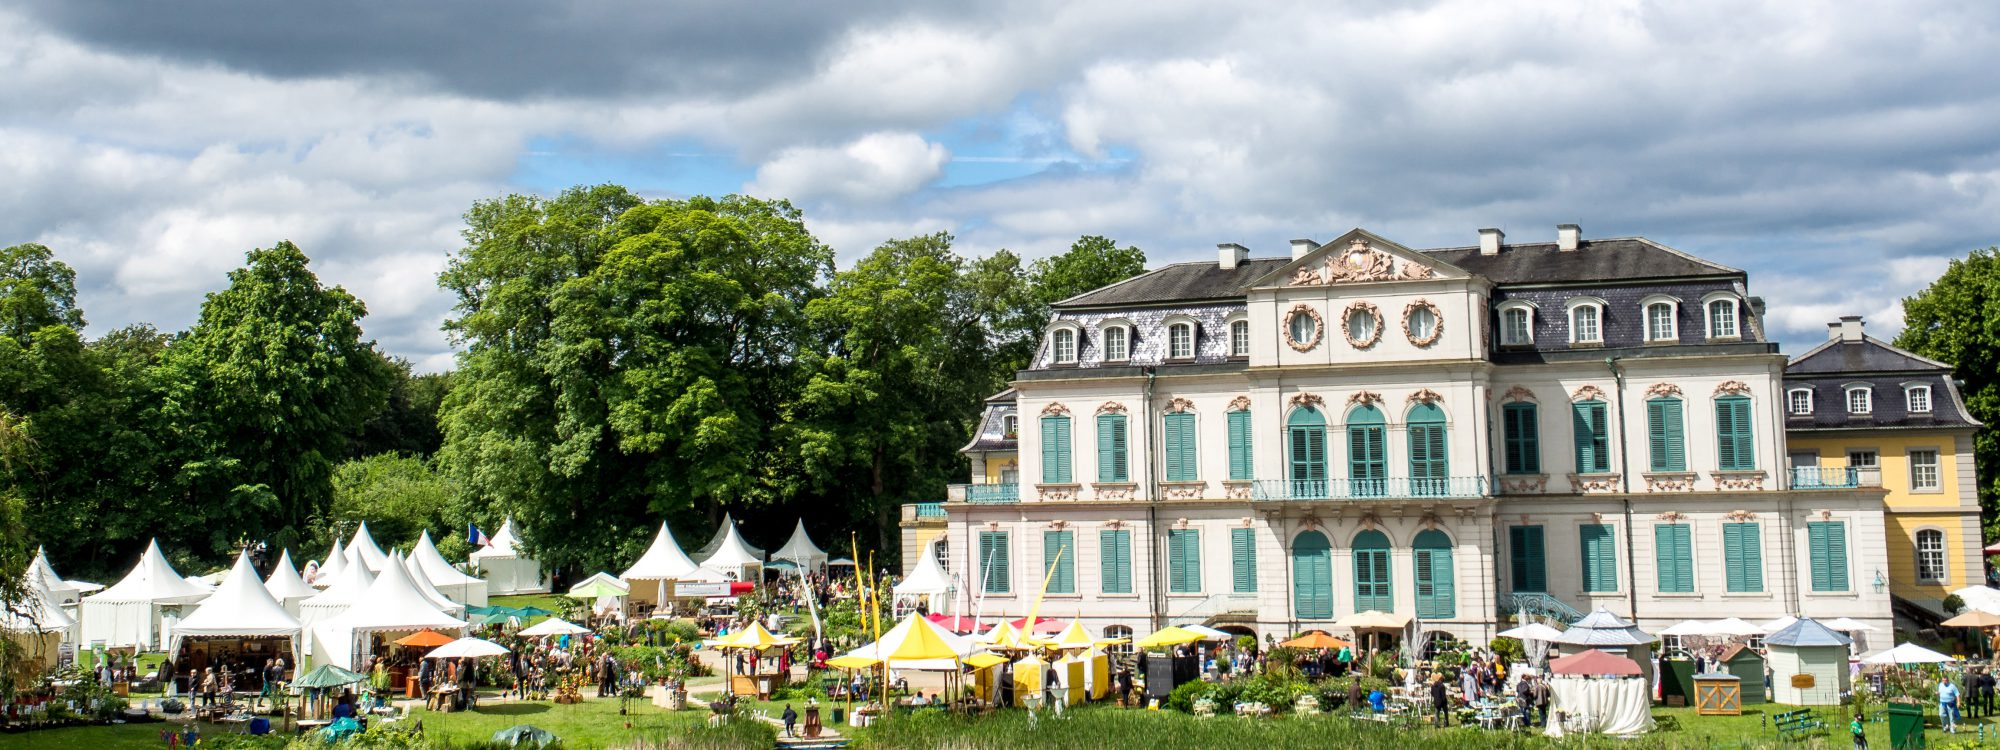 Das-Gartenfest-Kassel